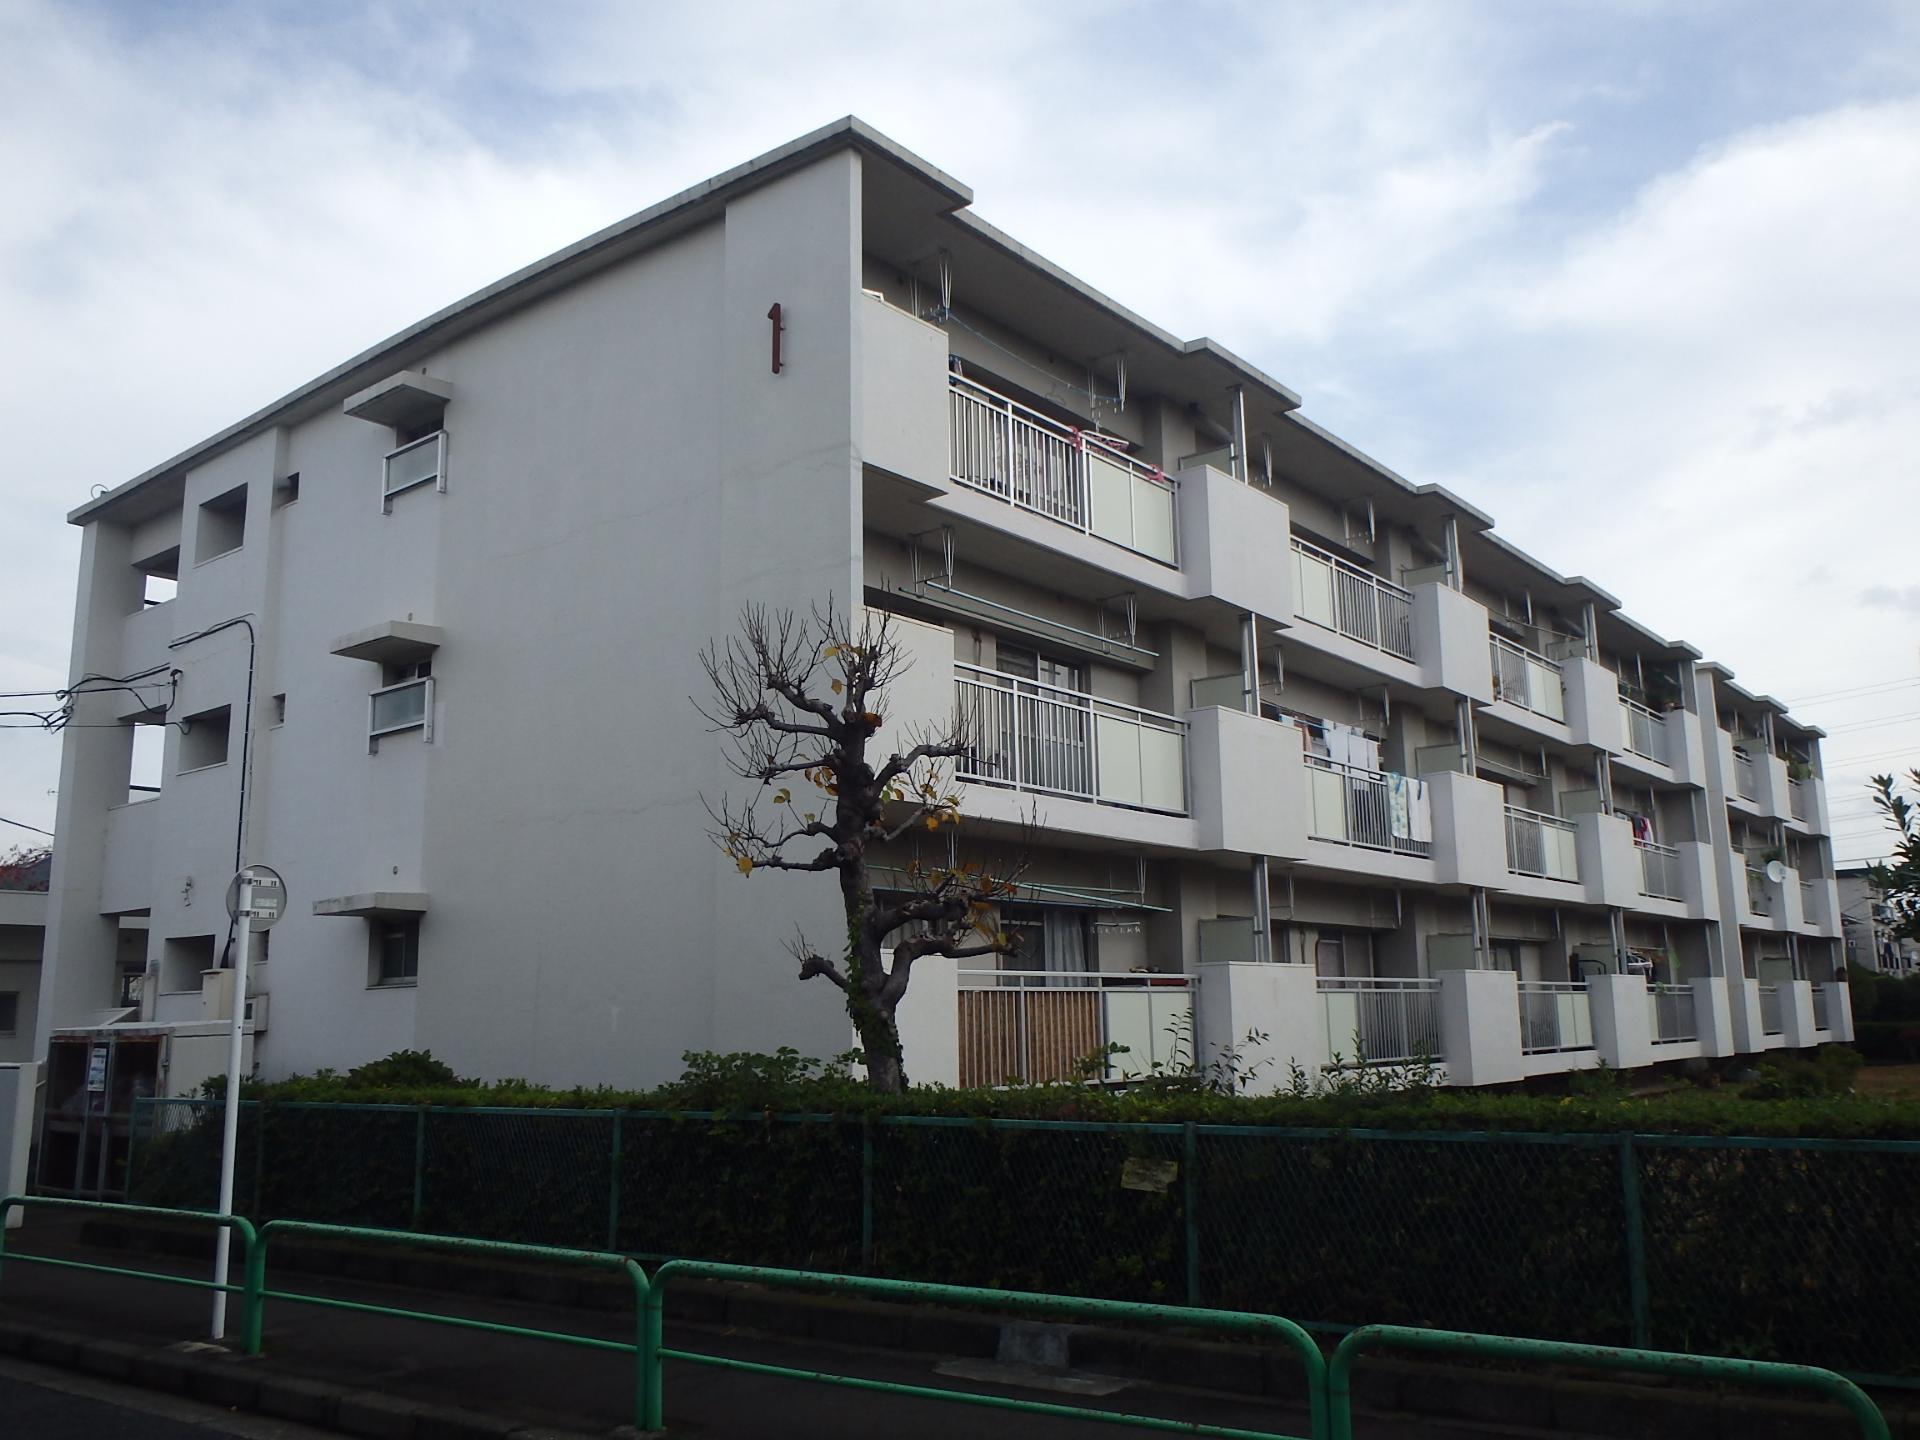 練馬区内 某都営団地外壁改修&塗装工事